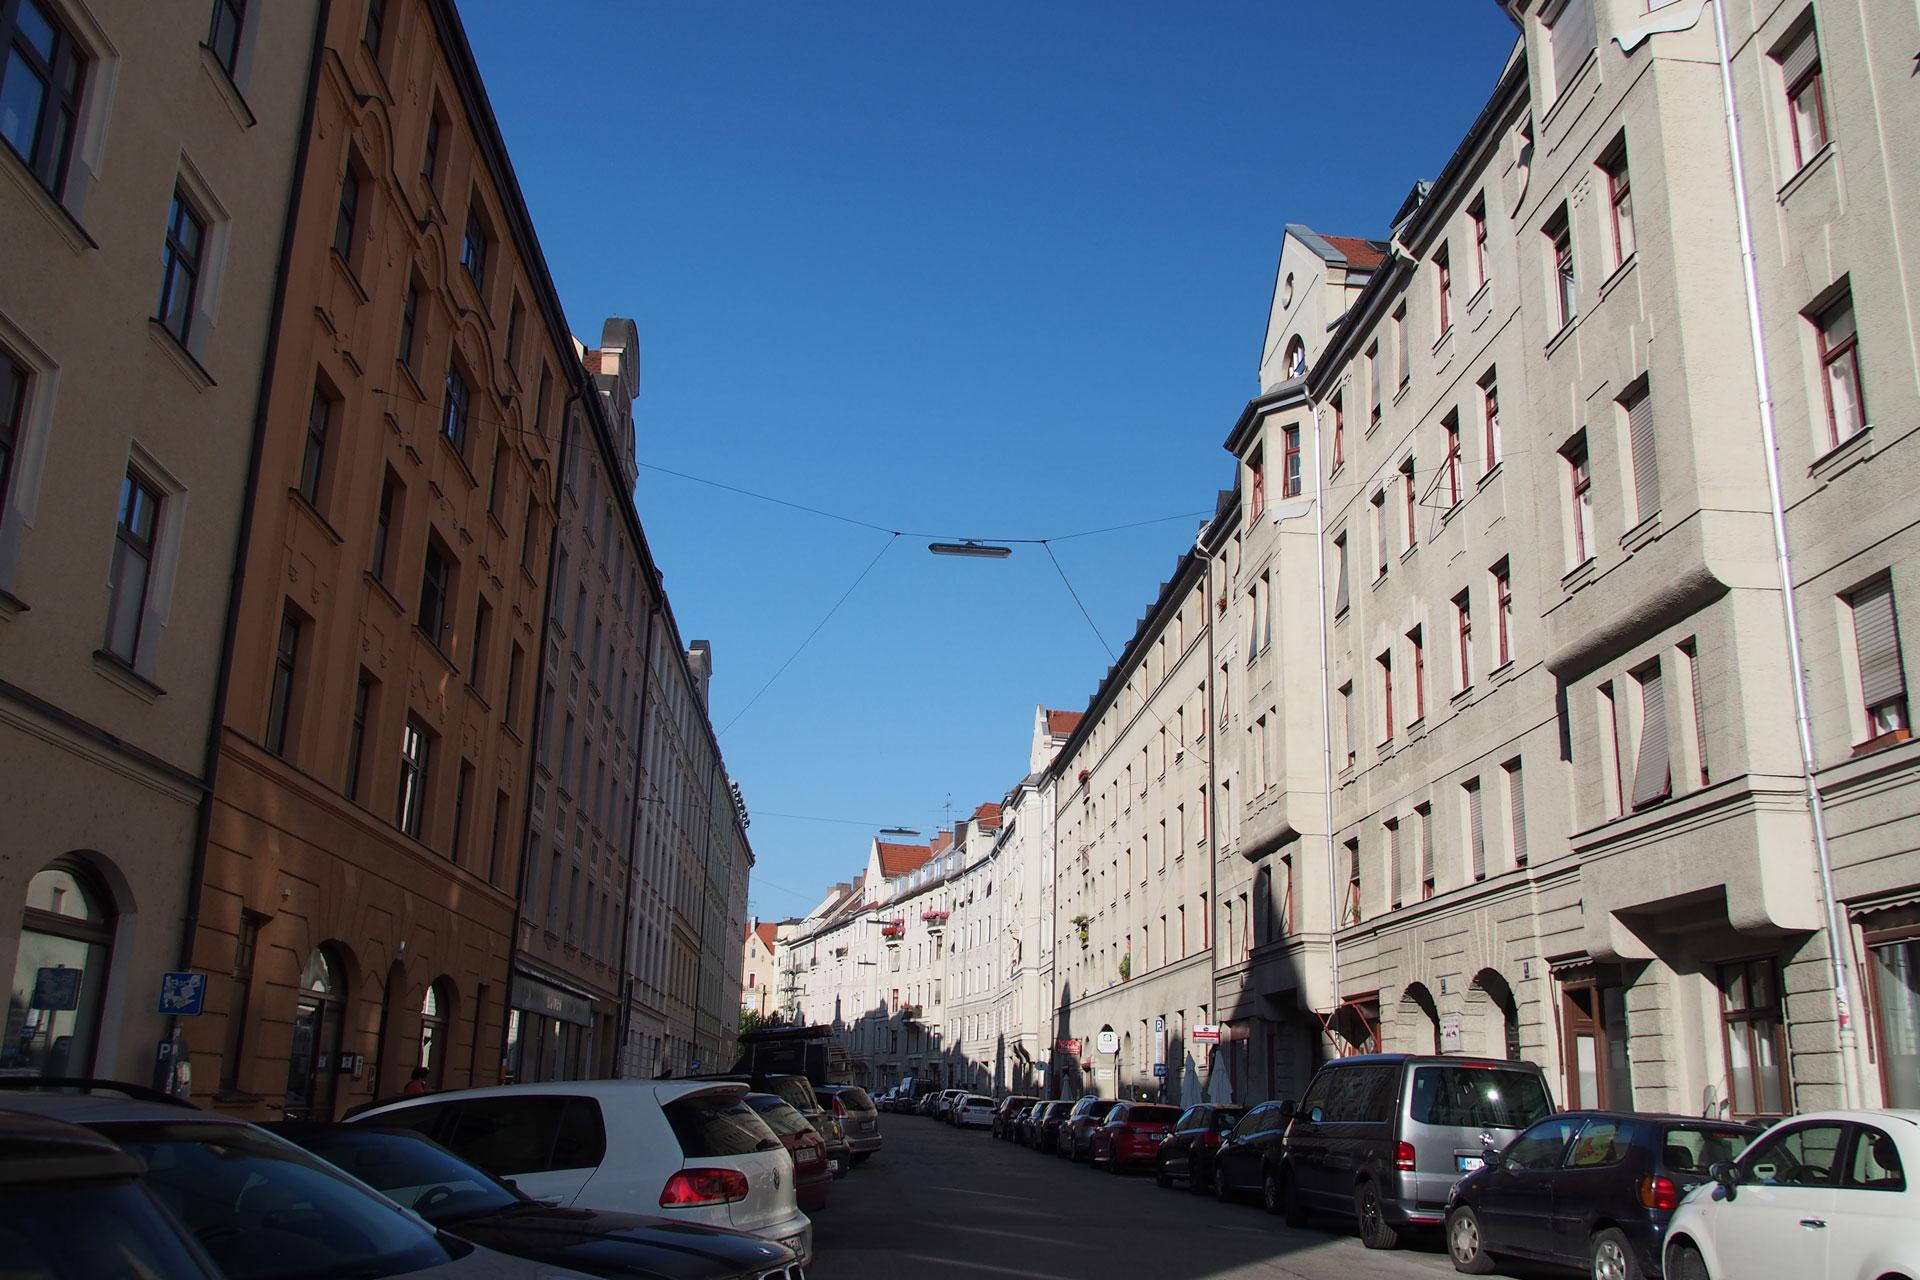 Wohnungsblock in der Dreimühlenstrasse München